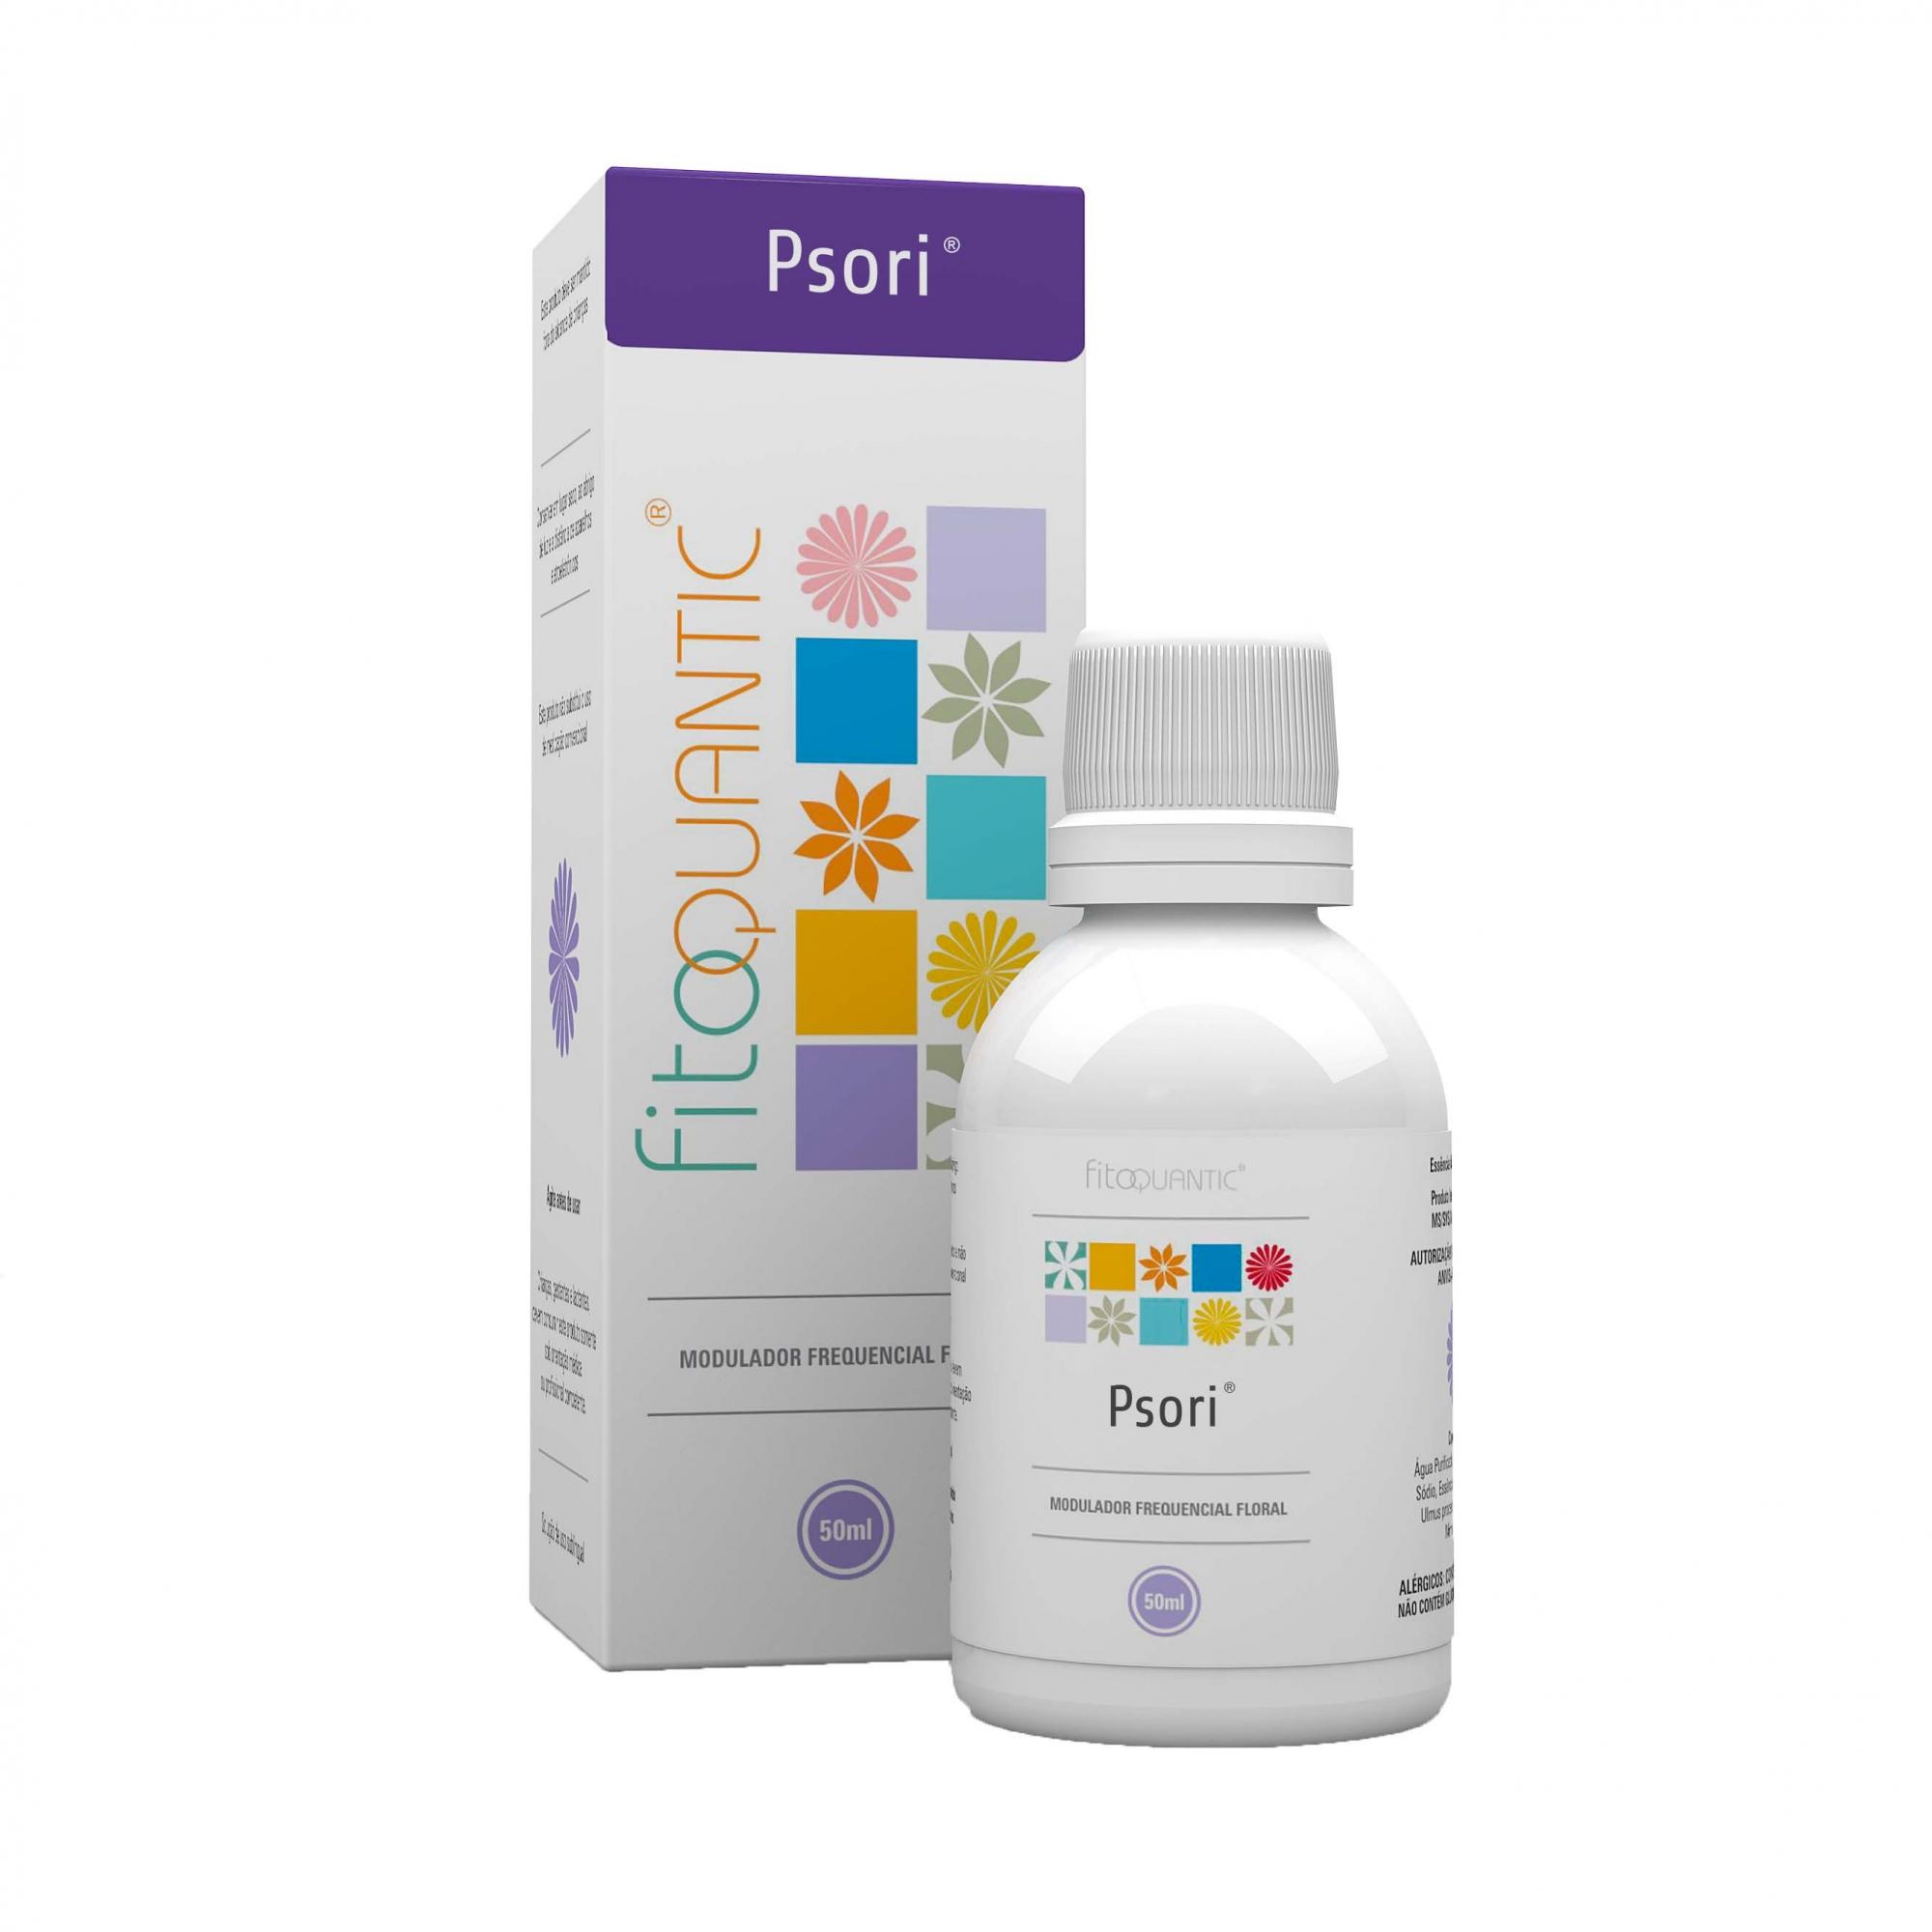 Fitoquantic Psori 50ml Fisioquantic